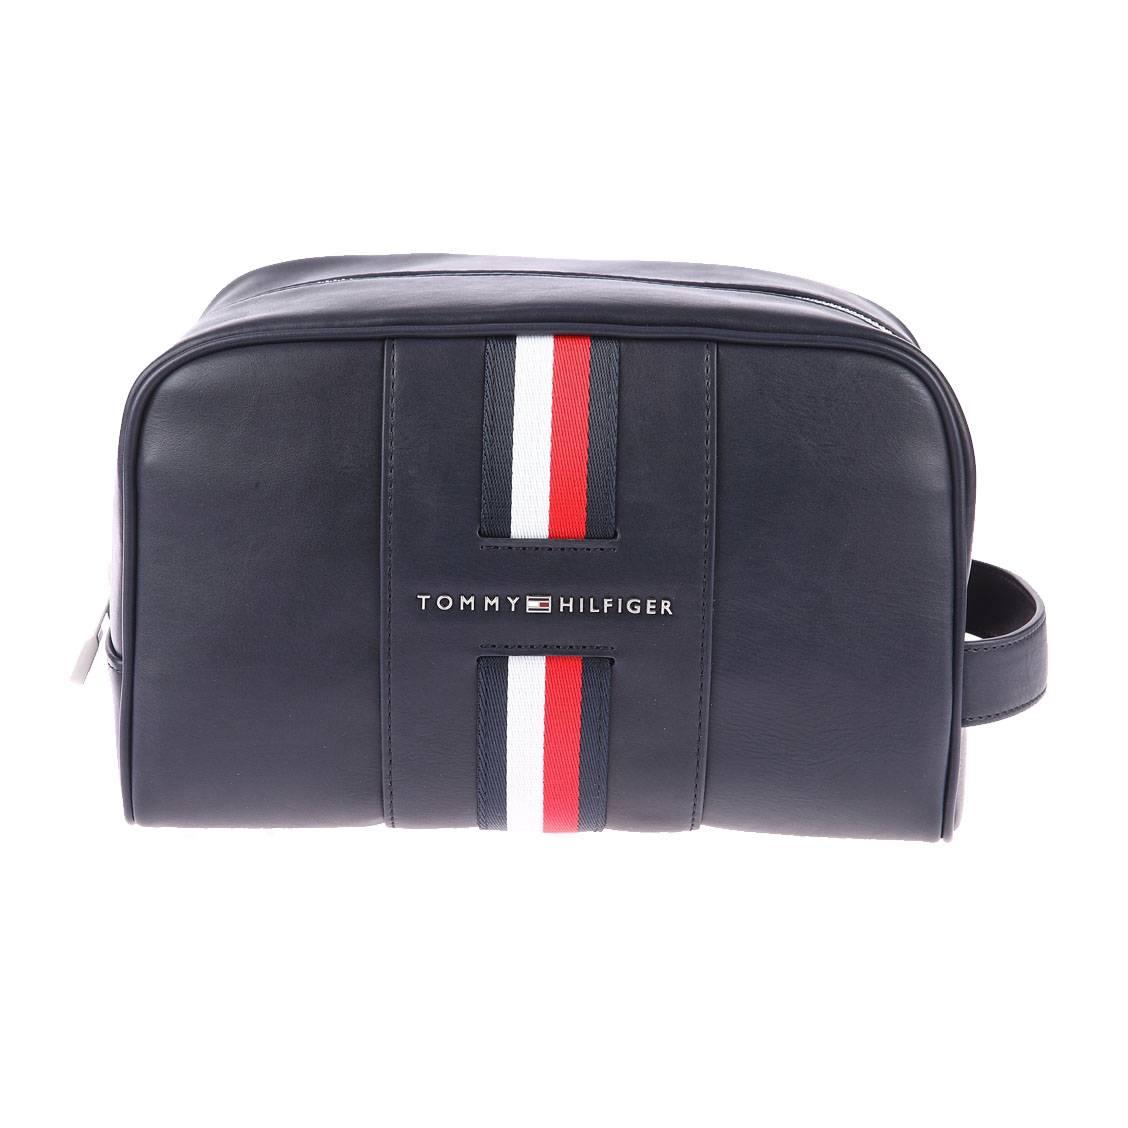 Trousse De Toilette Tommy Hilfiger Simili Cuir Bleu Marine Liser Bleu Marine Rouge Et Blanc